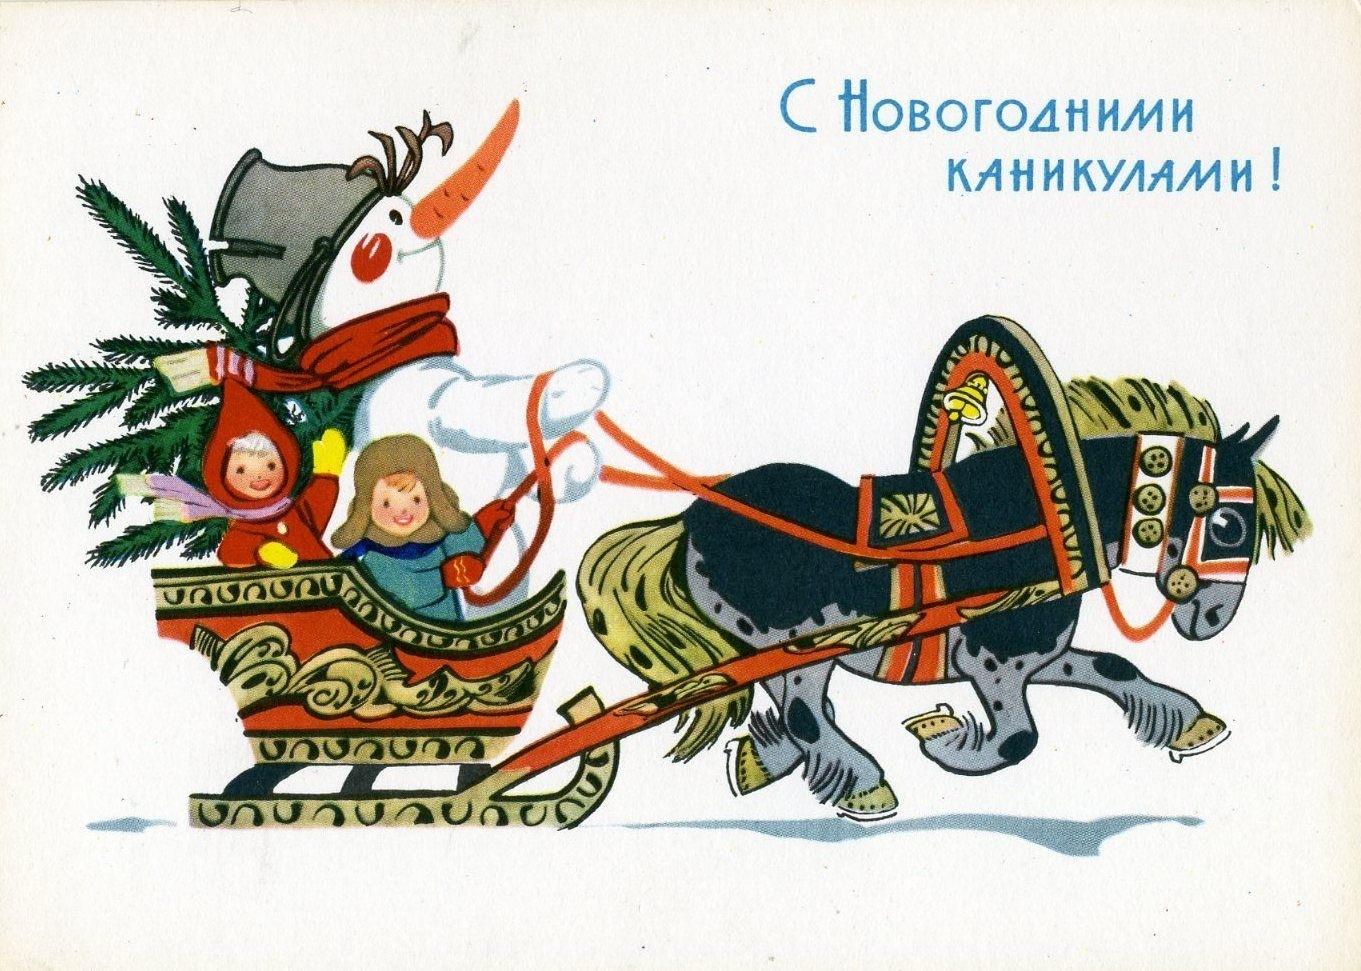 【LED】1970時間働けますか?(2019年ロシアのカレンダー) ~JICサンクトペテルブルグ便り~_f0072621_04432624.jpg